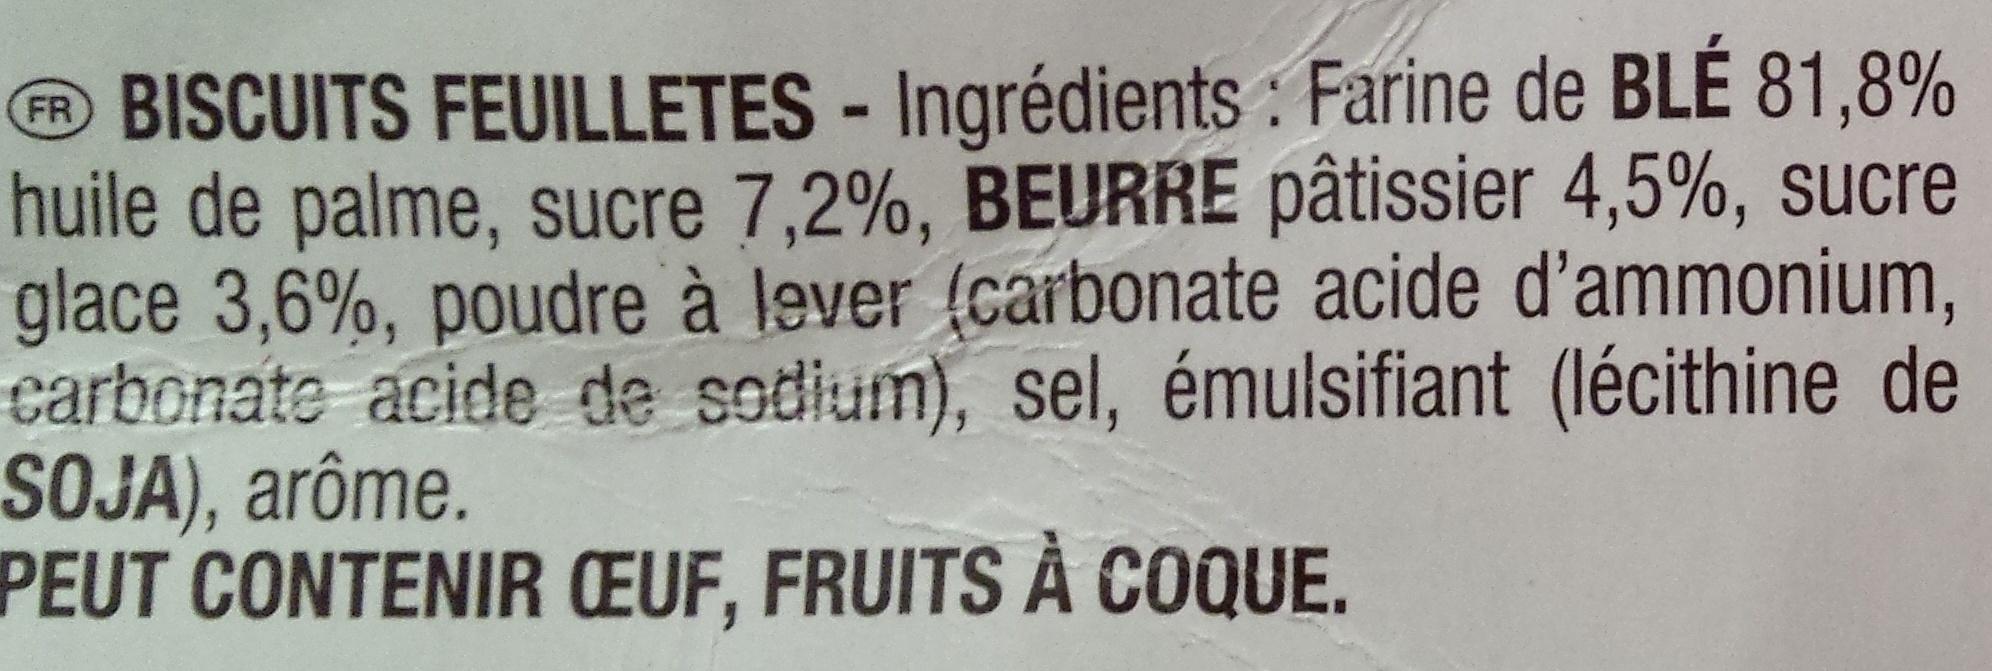 Feuilleté doré - Ingredients - fr